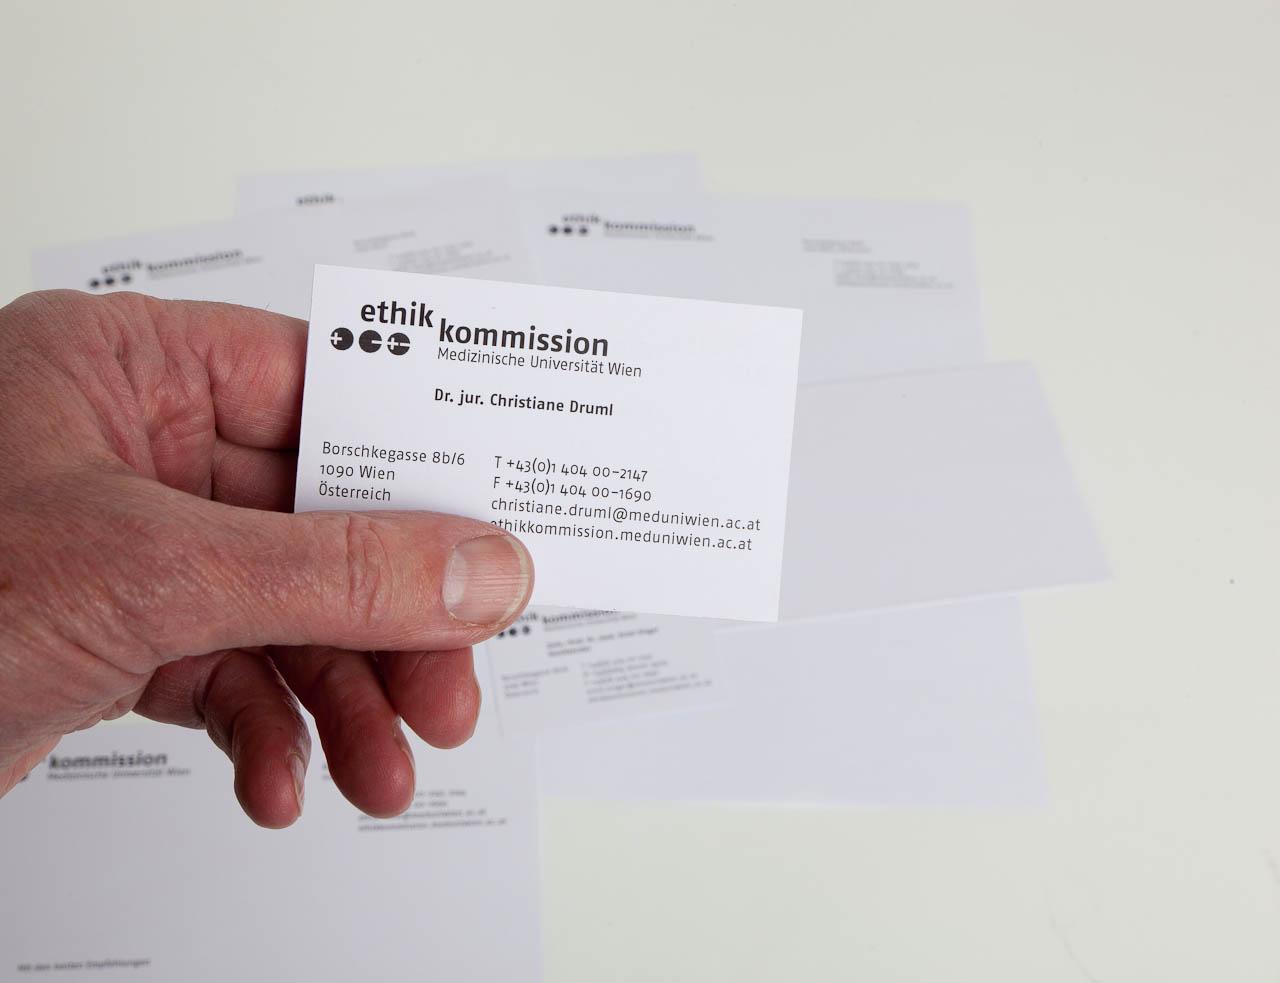 ethik kommission (Geschaeftsdrucksorten)